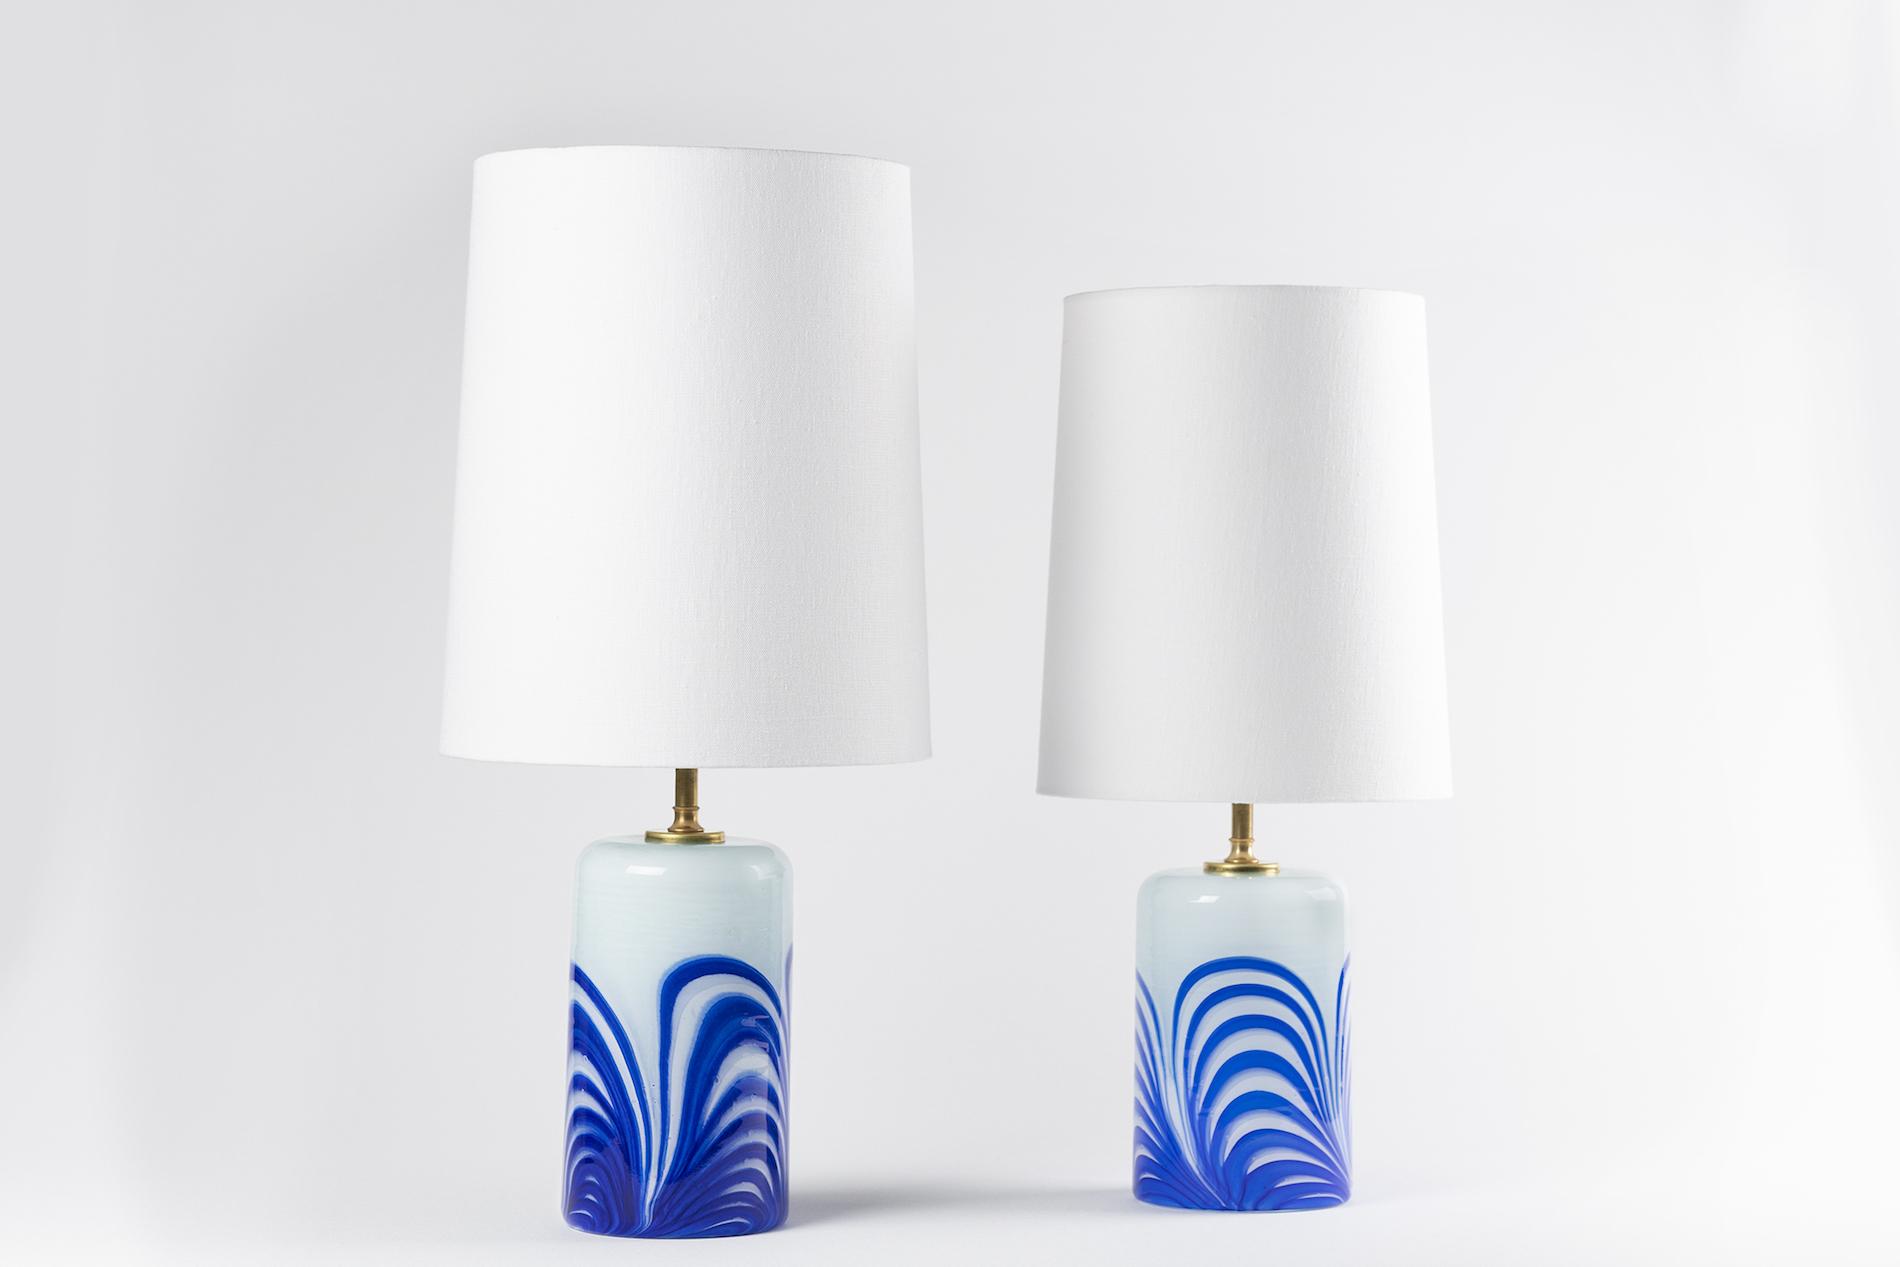 voramar lamps